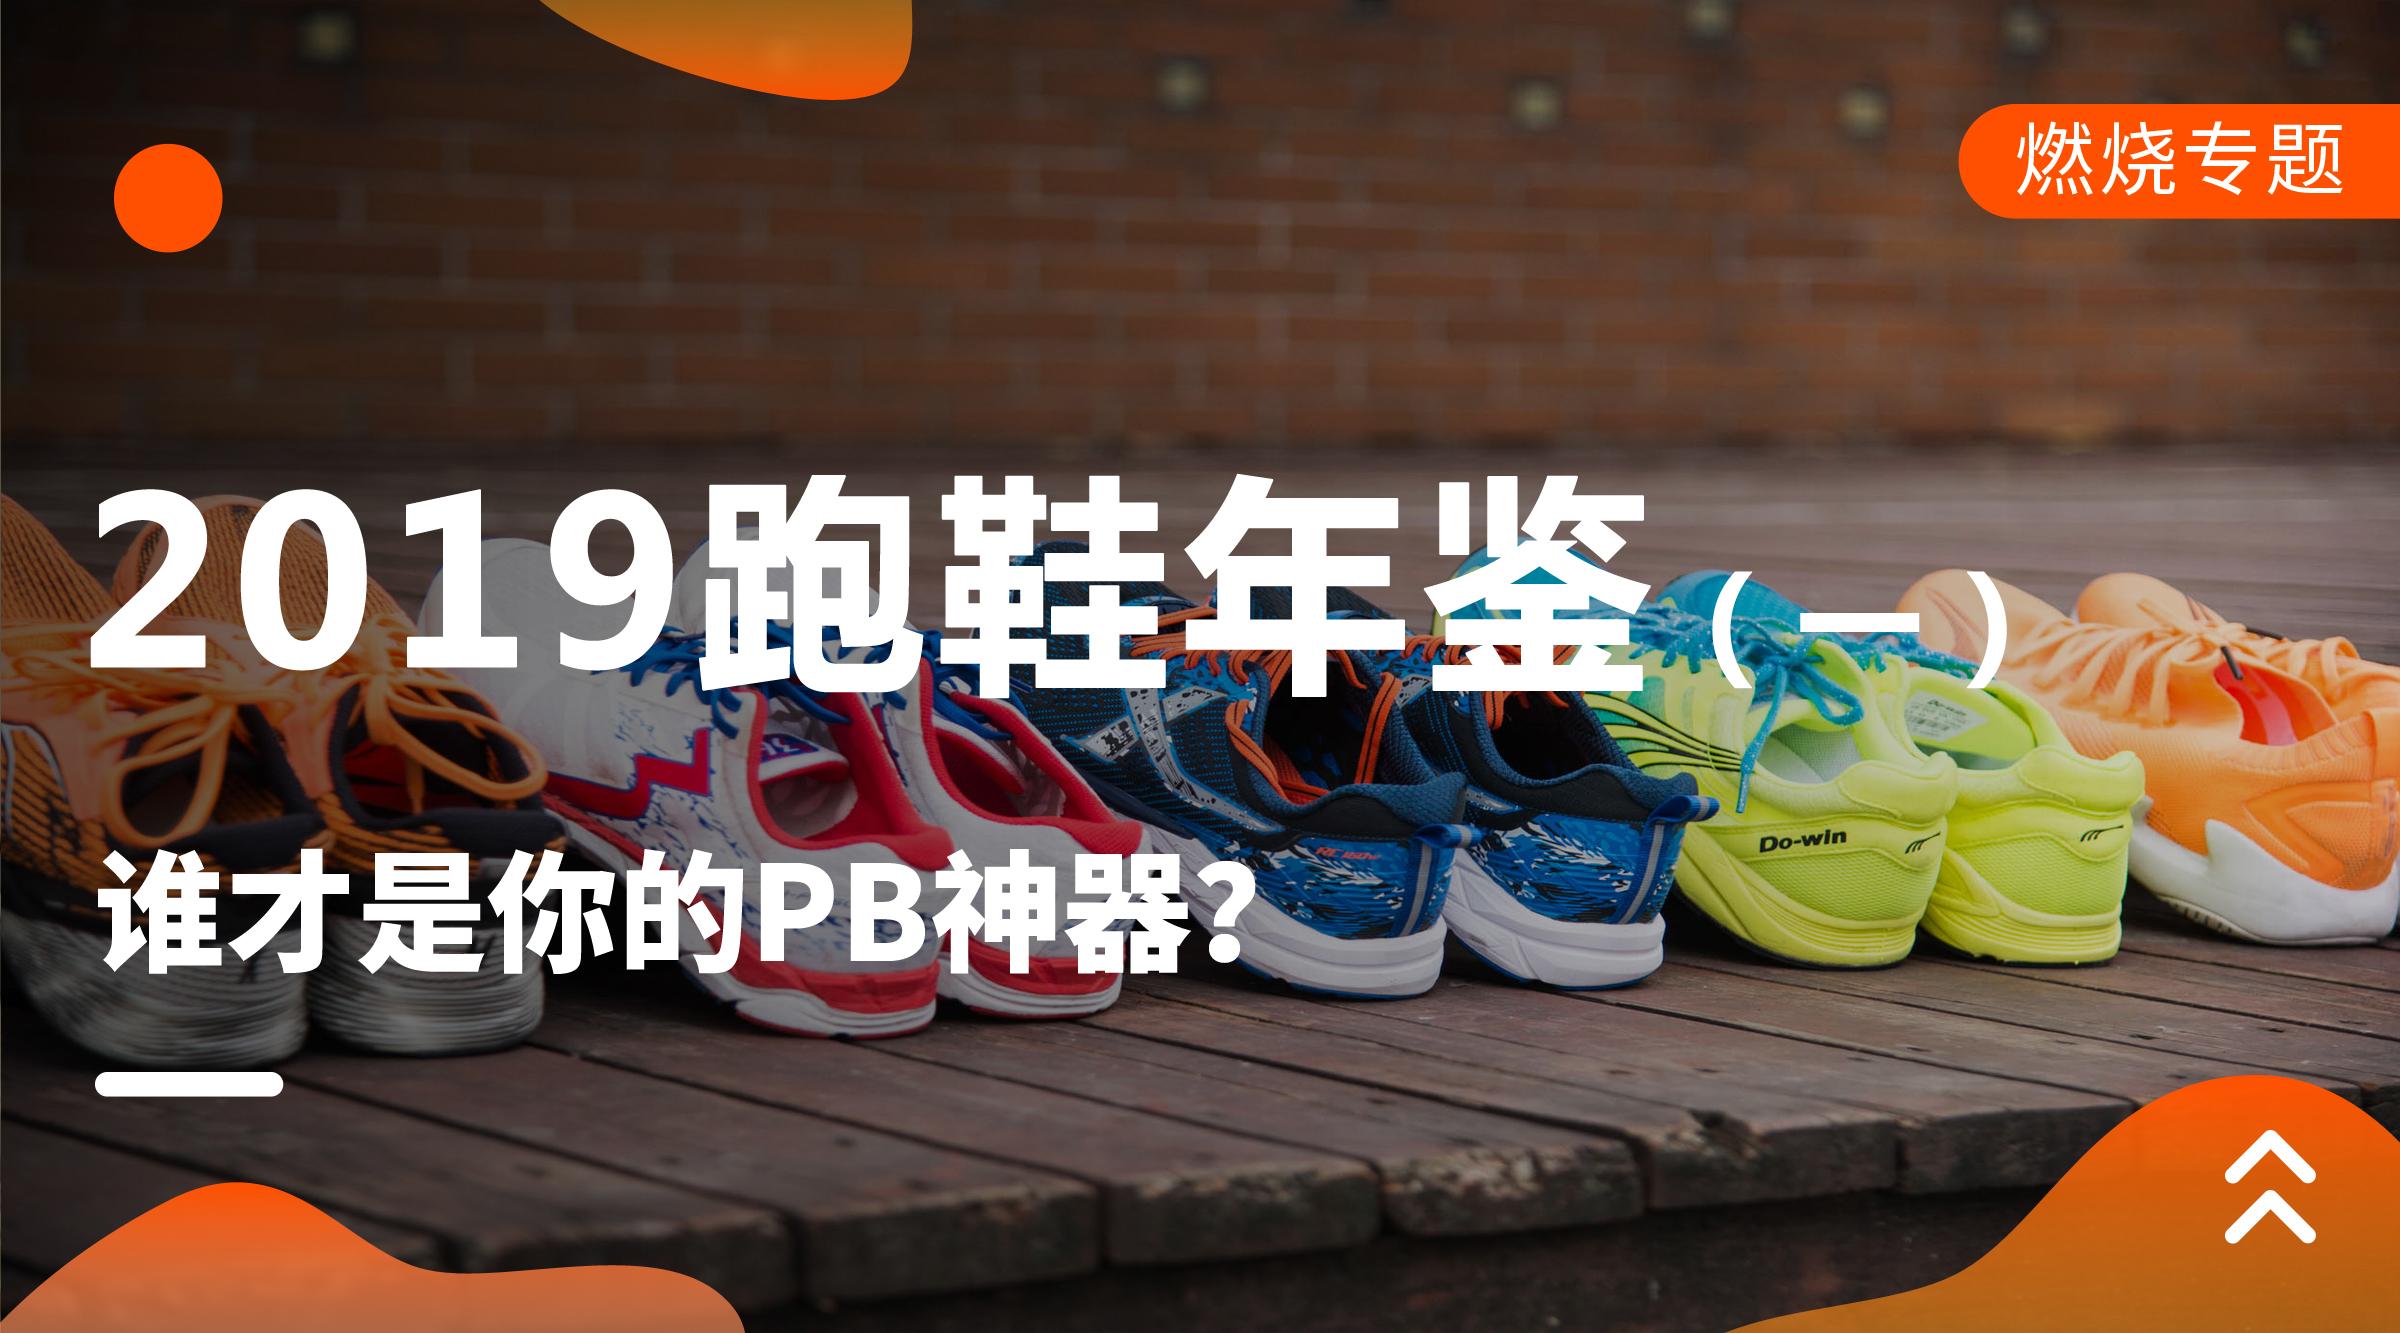 2019年跑鞋年鉴